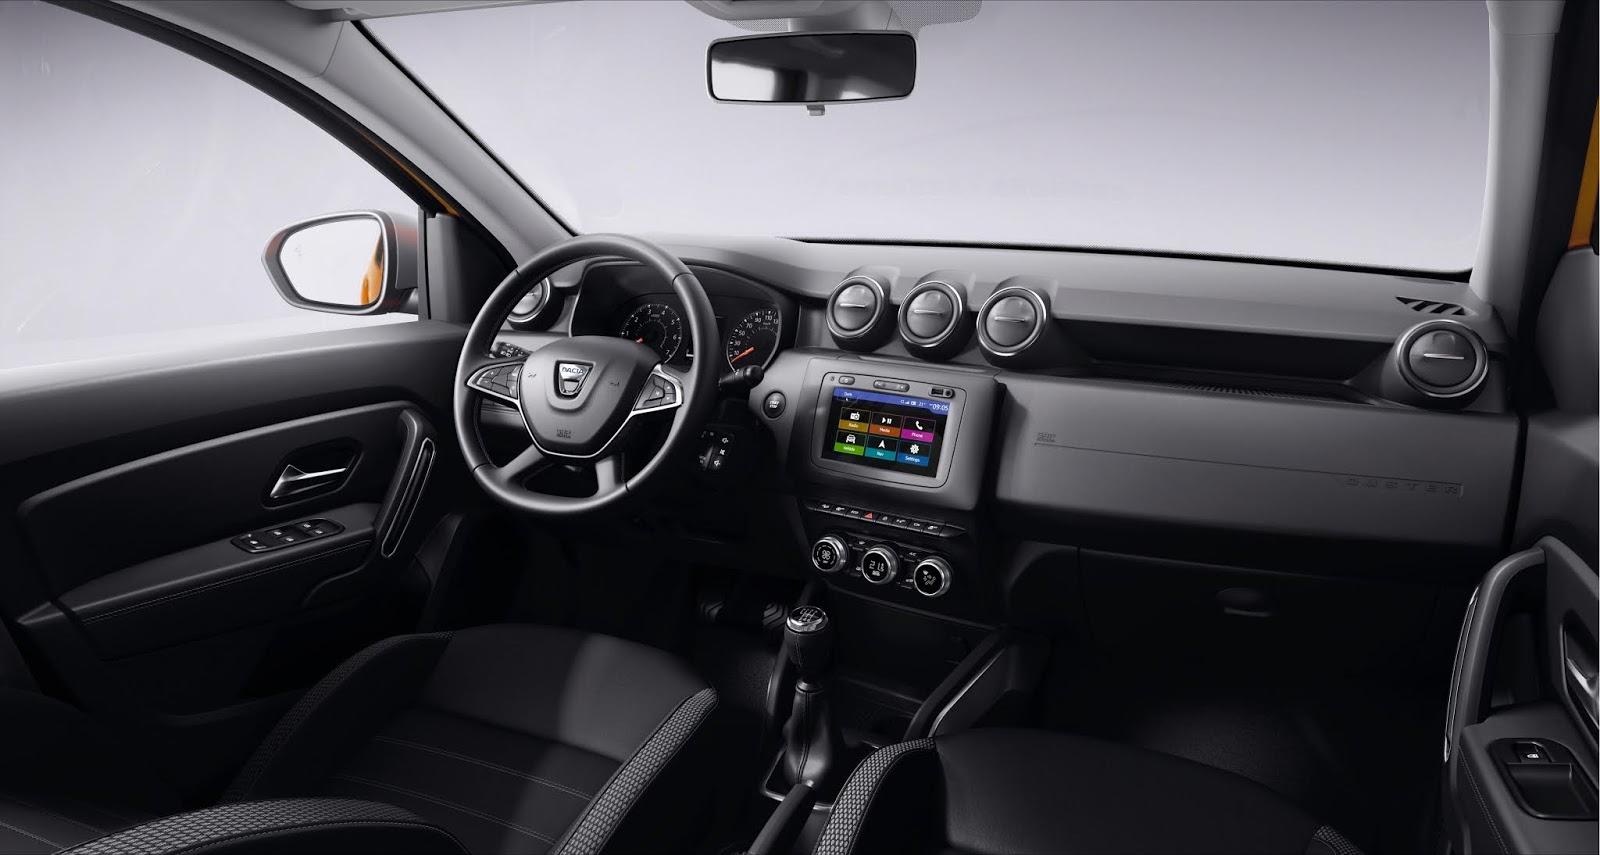 New Dacia DUSTER Με νέο 1,5 diesel το Dacia Duster Dacia, Dacia Duster, Diesel, μοντέλα, πετρέλαιο, τιμες